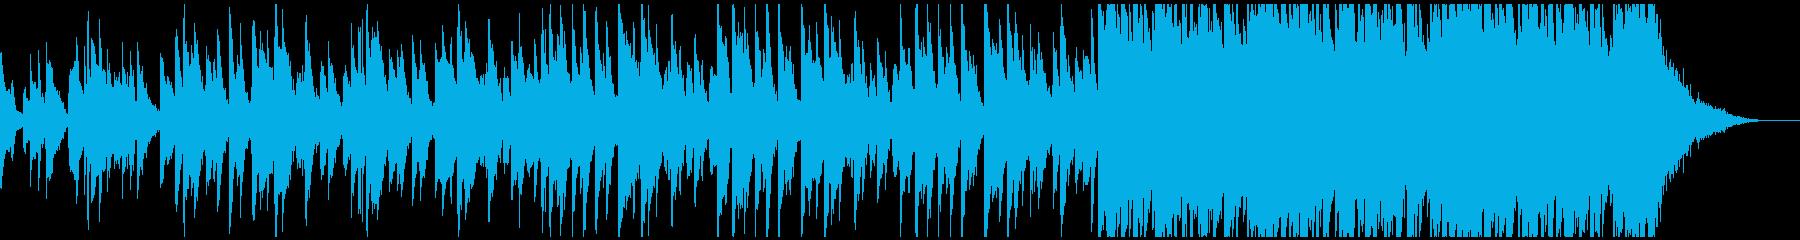 雰囲気のあるピアノ曲です。の再生済みの波形